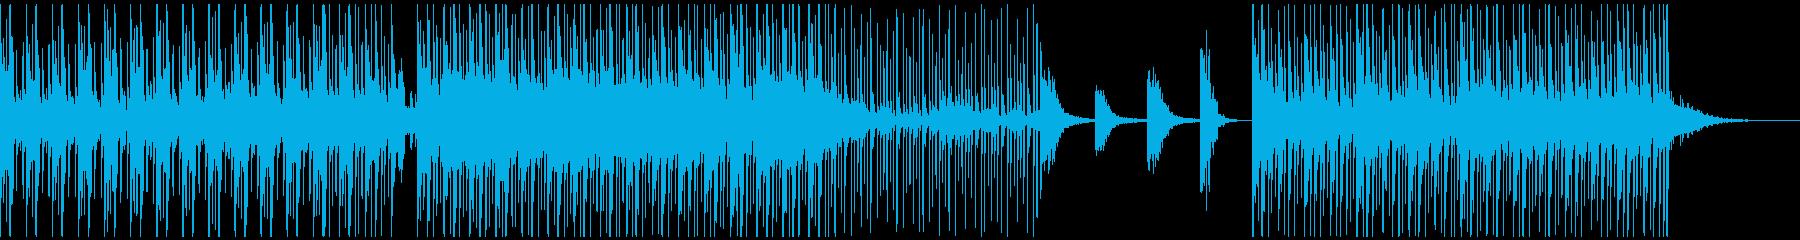 クールなビートとシンセサウンドの再生済みの波形